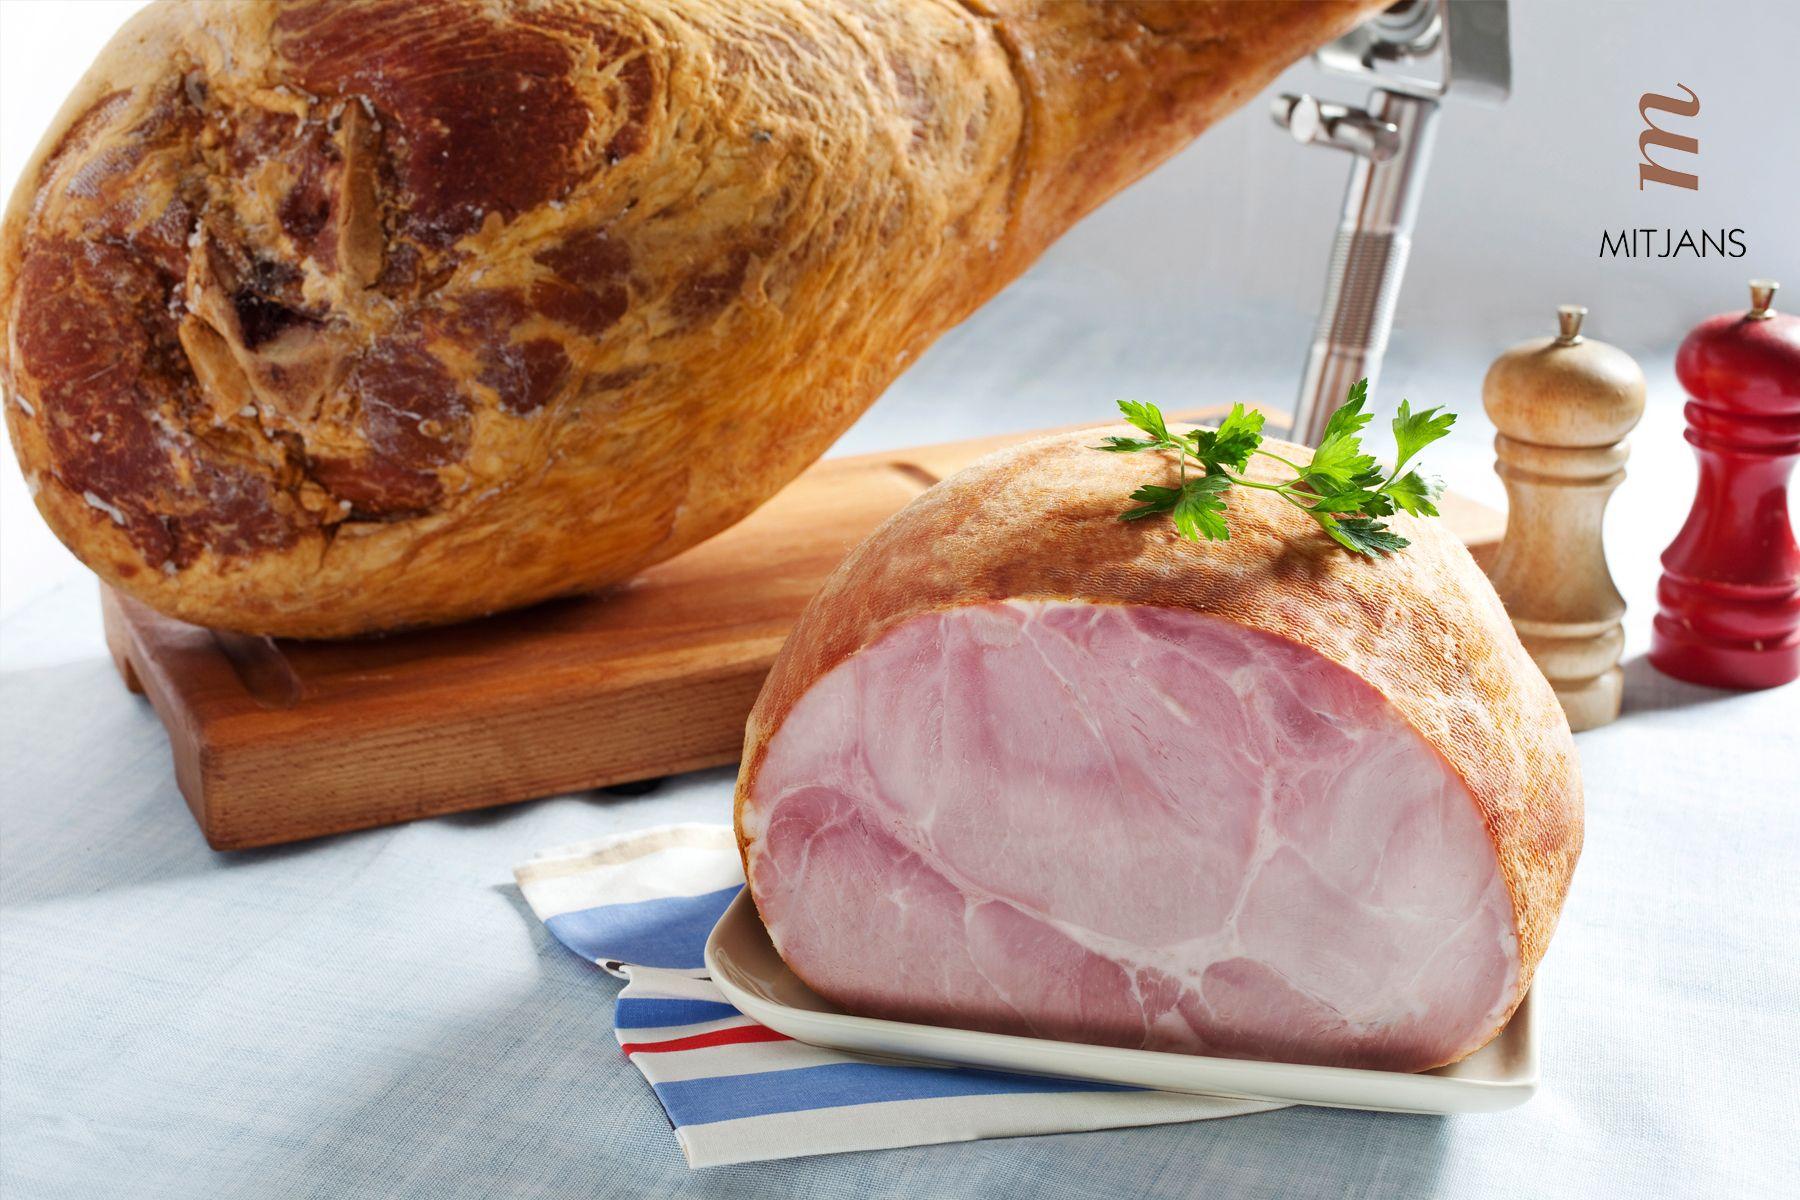 Pierna de pavo al horno: Productos de Lucas Gourmet